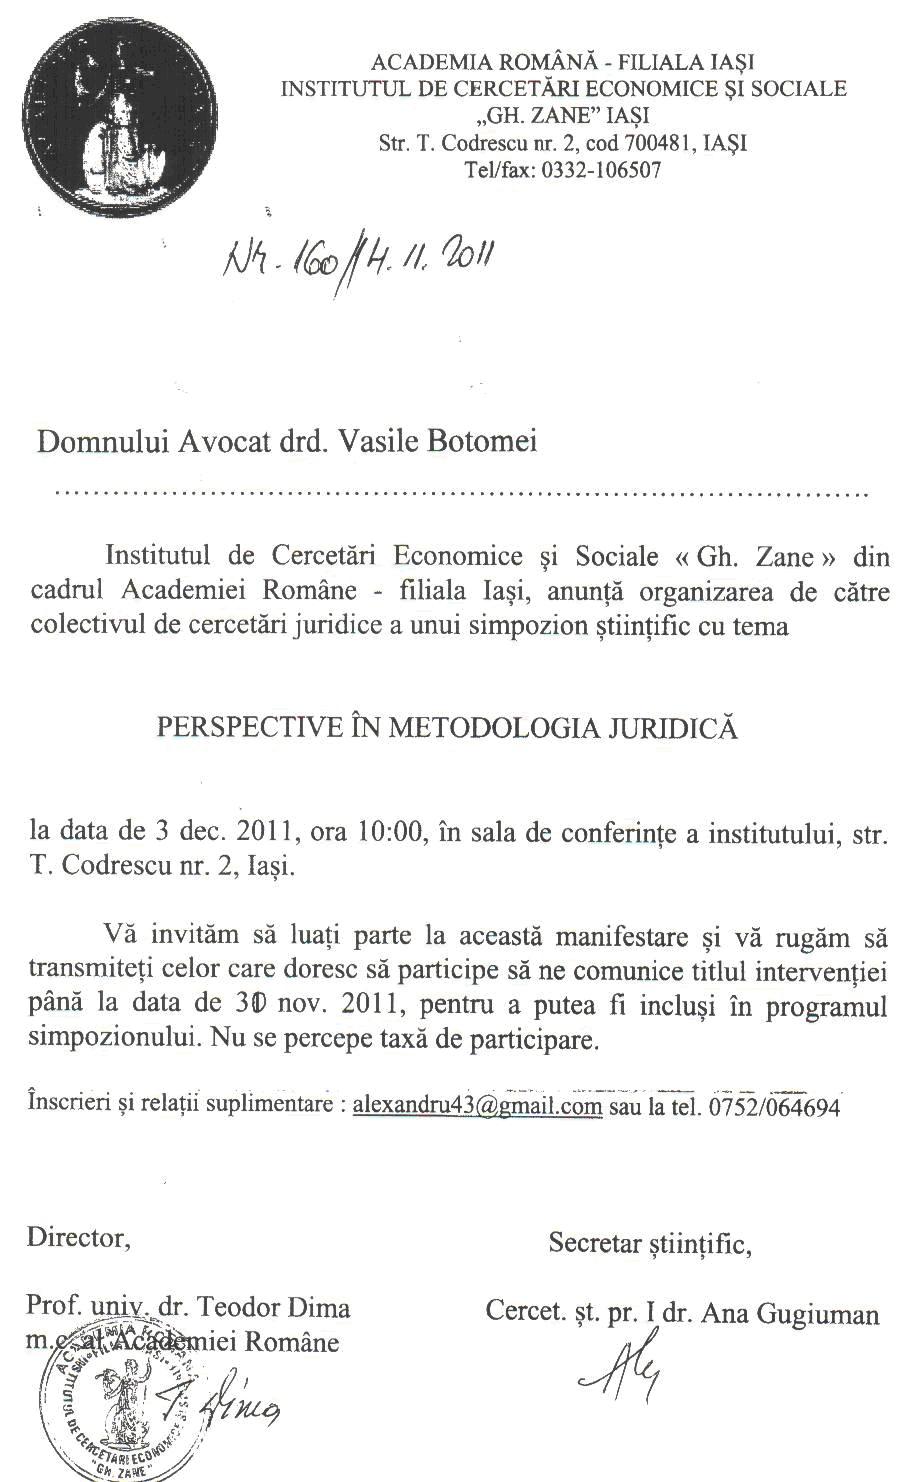 Tema simpozionului: Perspective in metodologia stiintifica